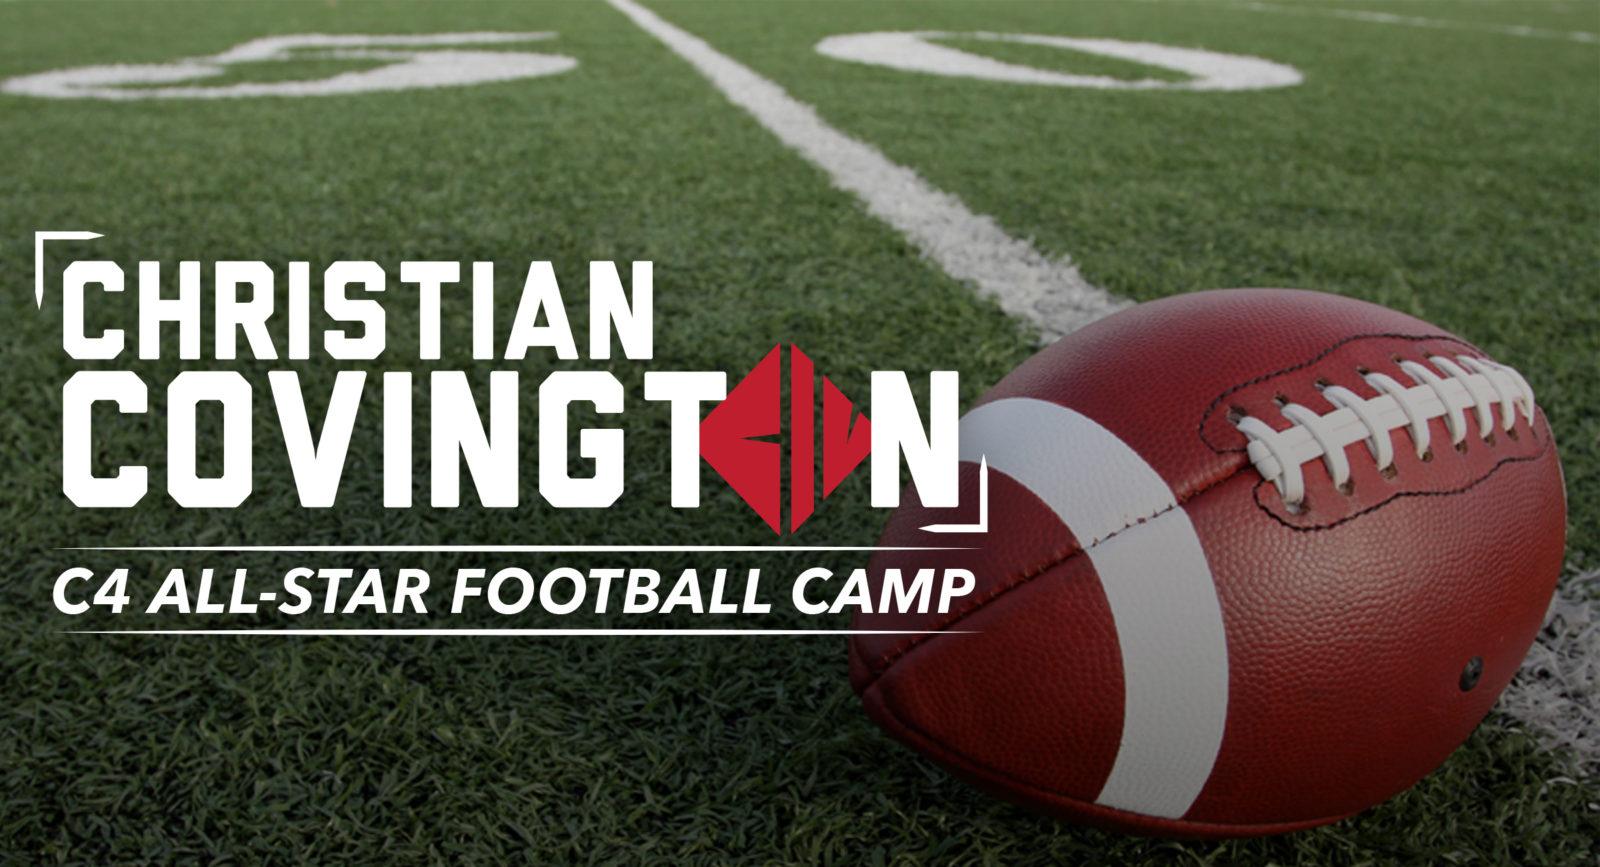 Christian-Covington-Camp-Header-1600x867